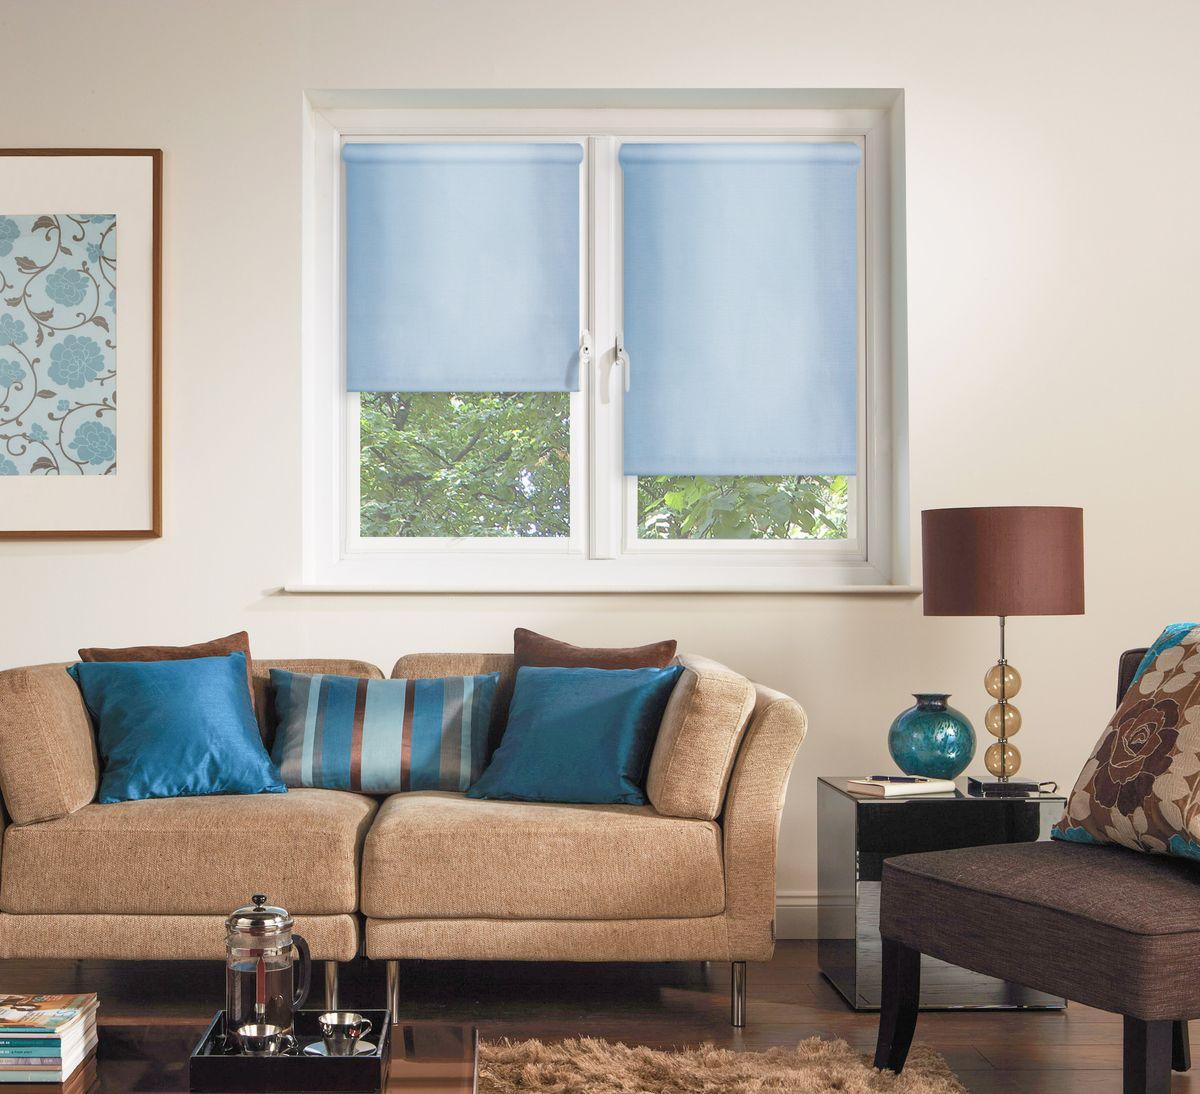 Штора рулонная Эскар Миниролло, цвет: голубой, ширина 48 см, высота 170 см37923037170Рулонная штора Эскар Миниролло выполнена из высокопрочной ткани, которая сохраняет свой размер даже при намокании. Ткань не выцветает и обладает отличной цветоустойчивостью.Миниролло - это подвид рулонных штор, который закрывает не весь оконный проем, а непосредственно само стекло. Такие шторы крепятся на раму без сверления при помощи зажимов или клейкой двухсторонней ленты (в комплекте). Окно остается на гарантии, благодаря монтажу без сверления. Такая штора станет прекрасным элементом декора окна и гармонично впишется в интерьер любого помещения.